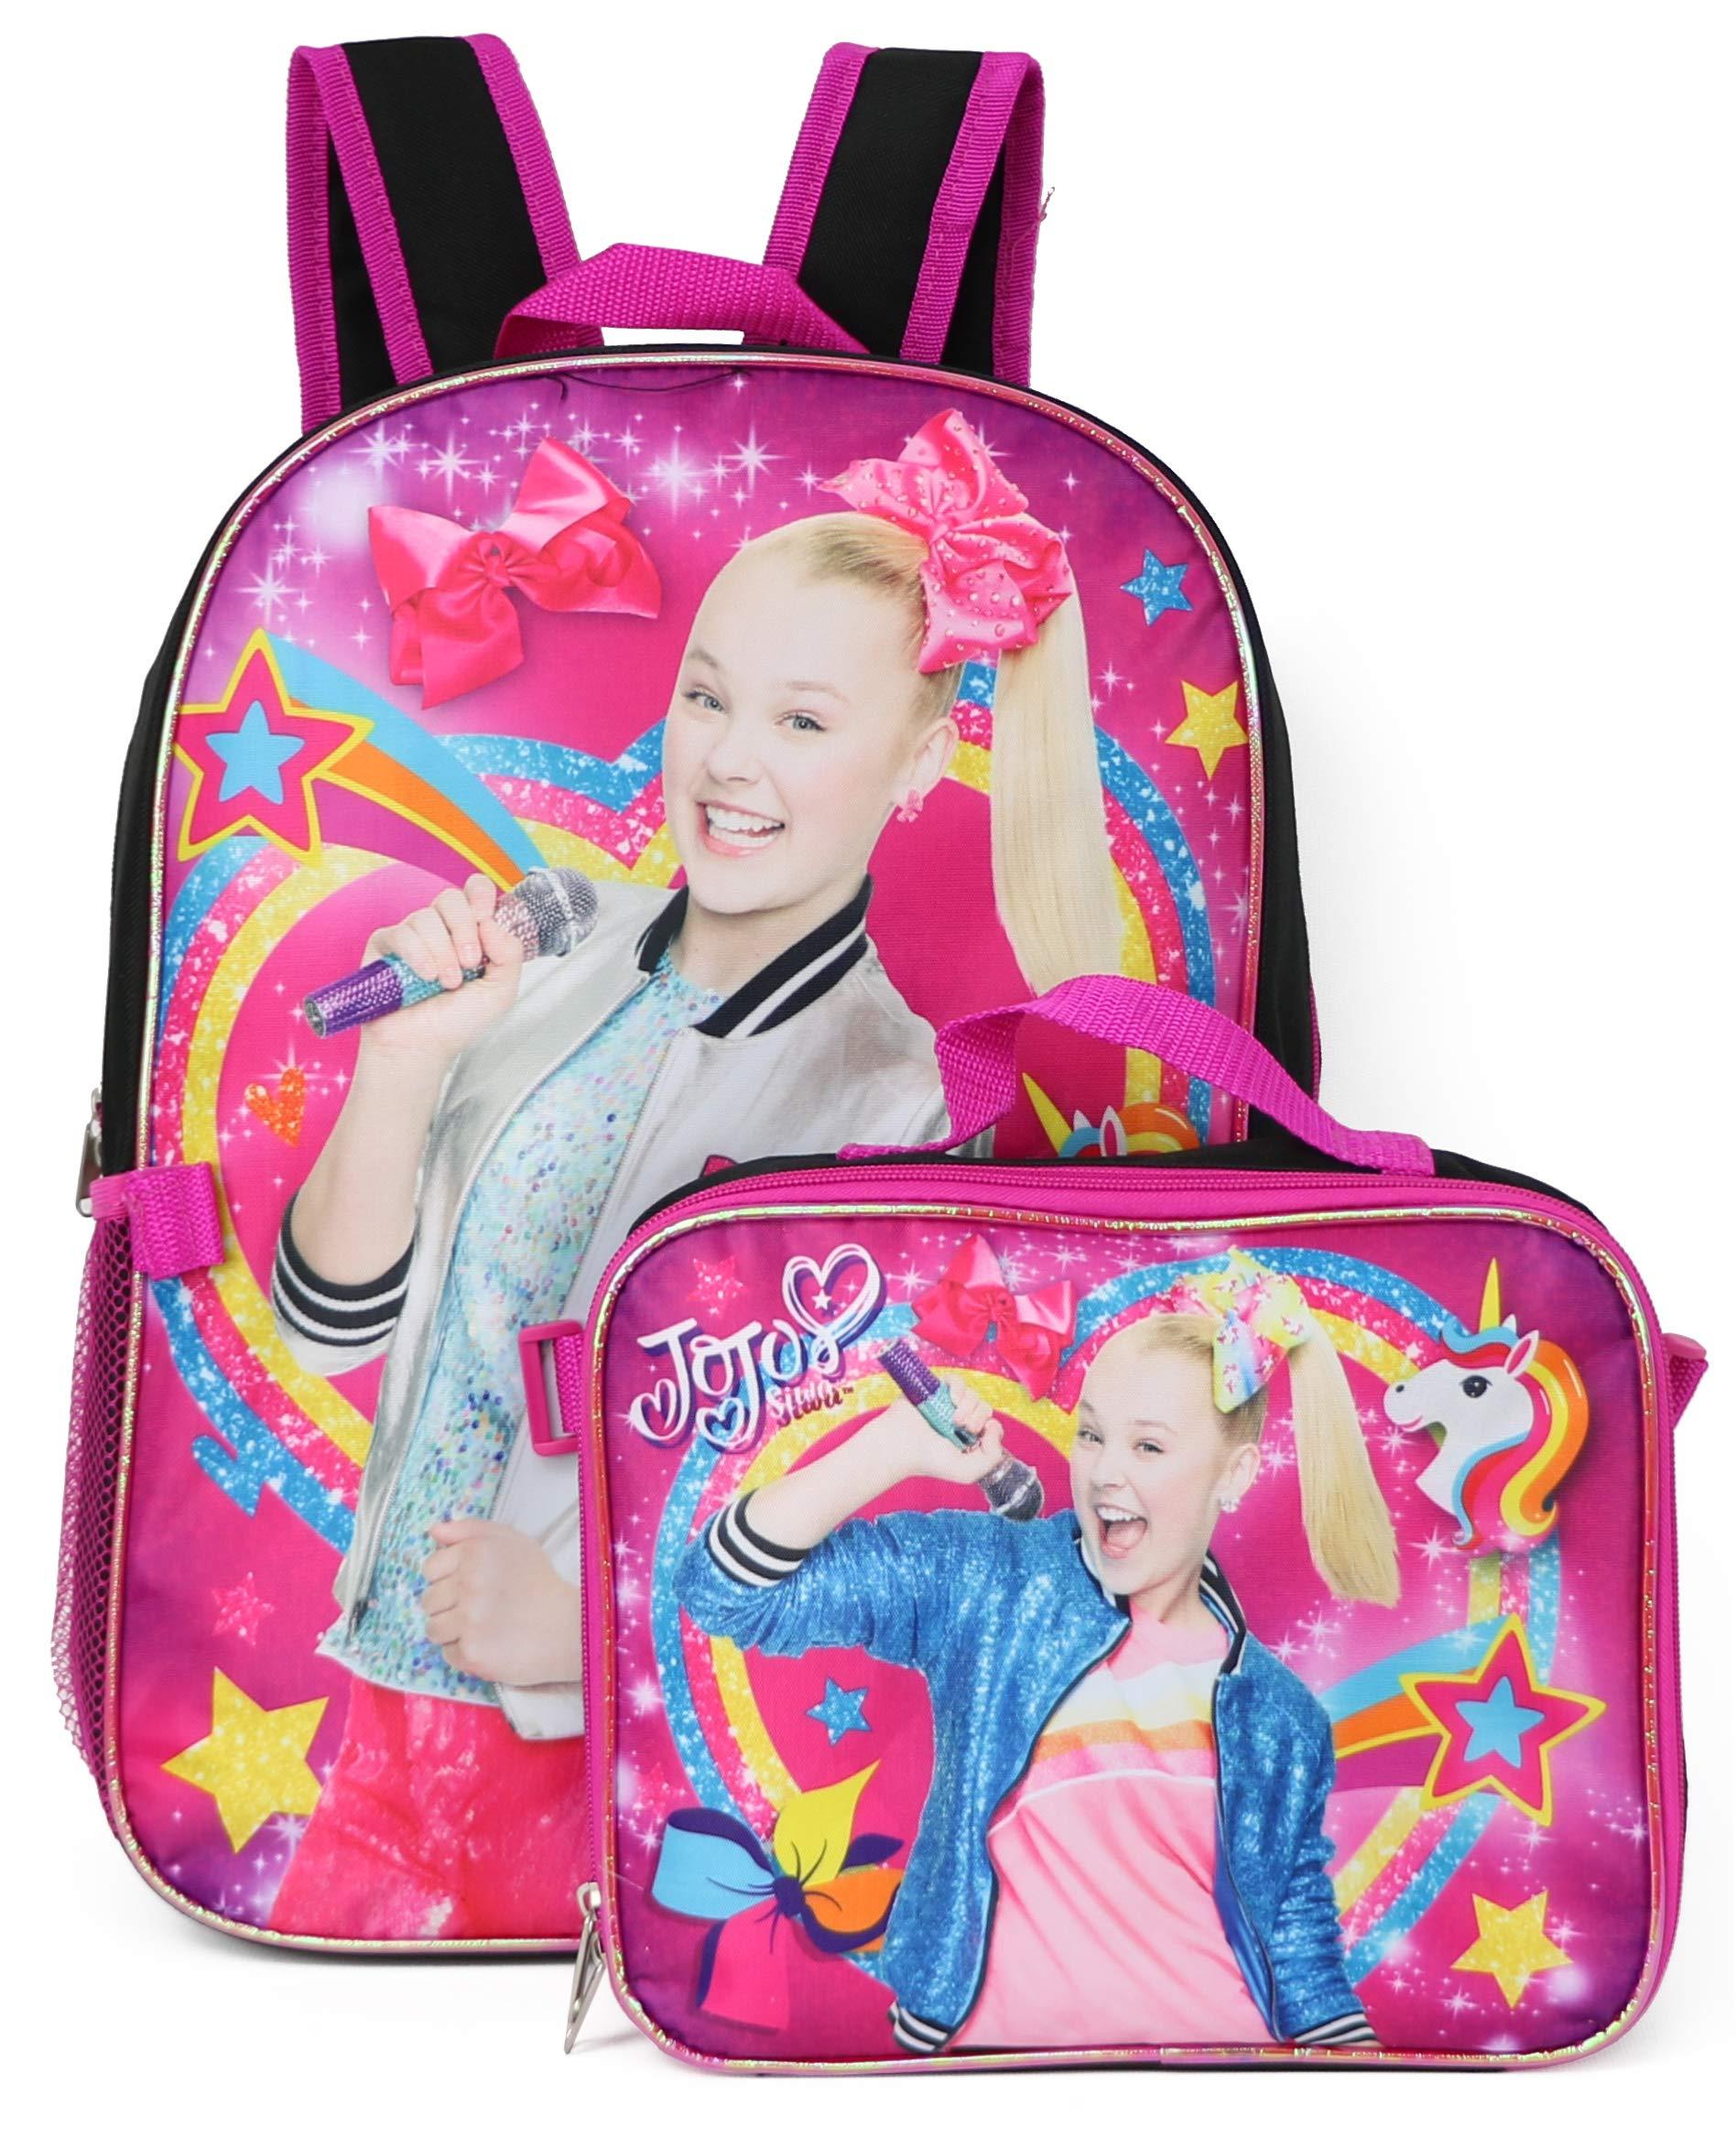 Nickelodeon Jojo Siwa Backpack Lunchbag Set (Rainbow) by Nickelodeon